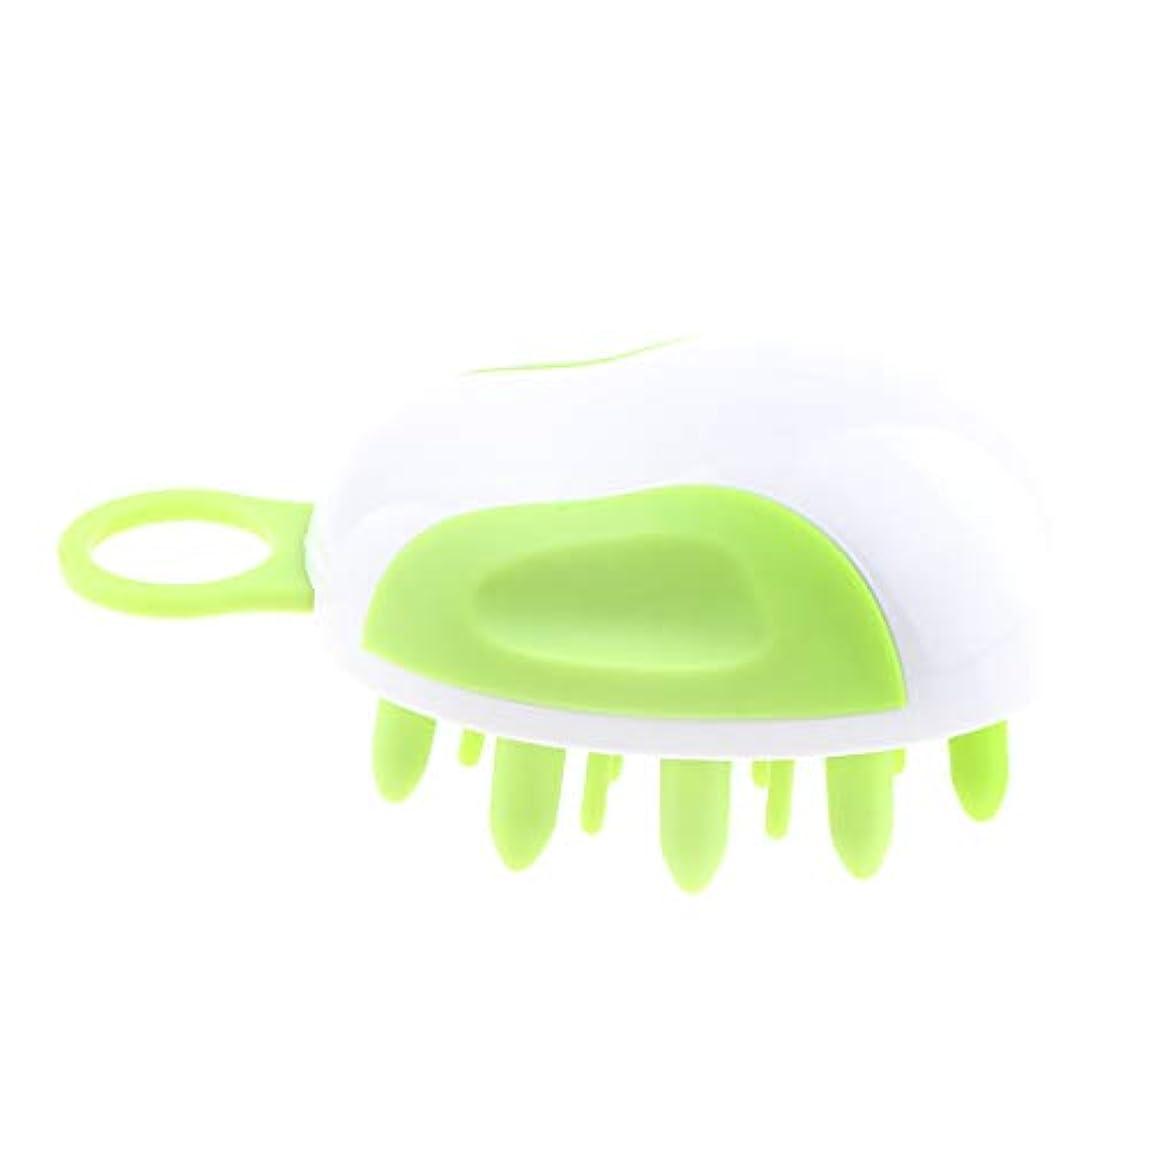 粘着性契約マニフェストシャンプーブラシ 角質除去 ヘアダイコーム ヘアブラシ 頭皮マッサージャー ヘアカラーリング用品 全2カラー - 緑